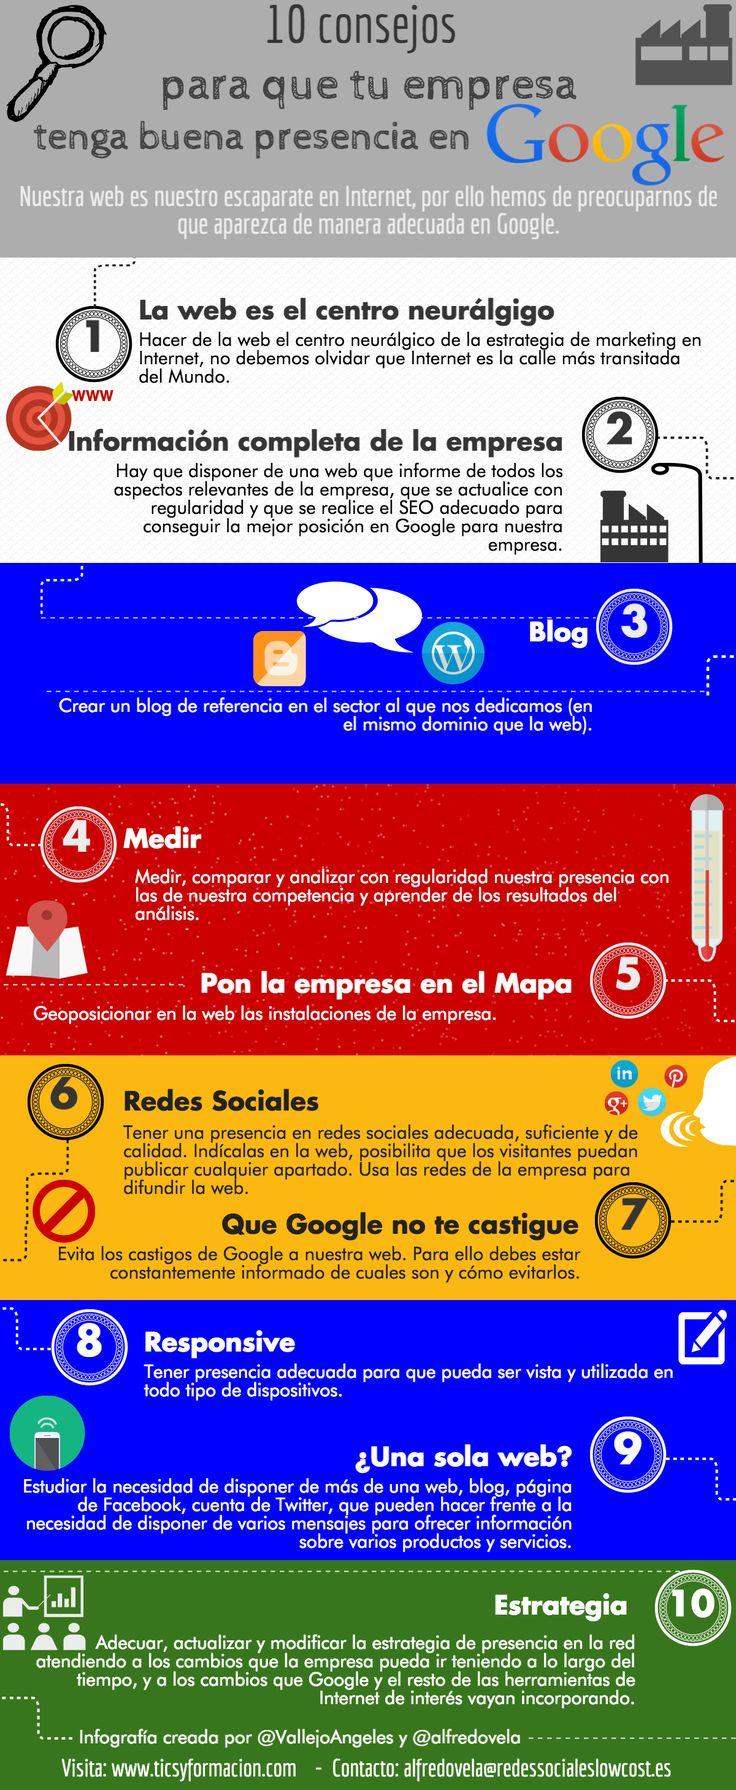 10 consejos para que tu empresa tenga buena presencia en Google